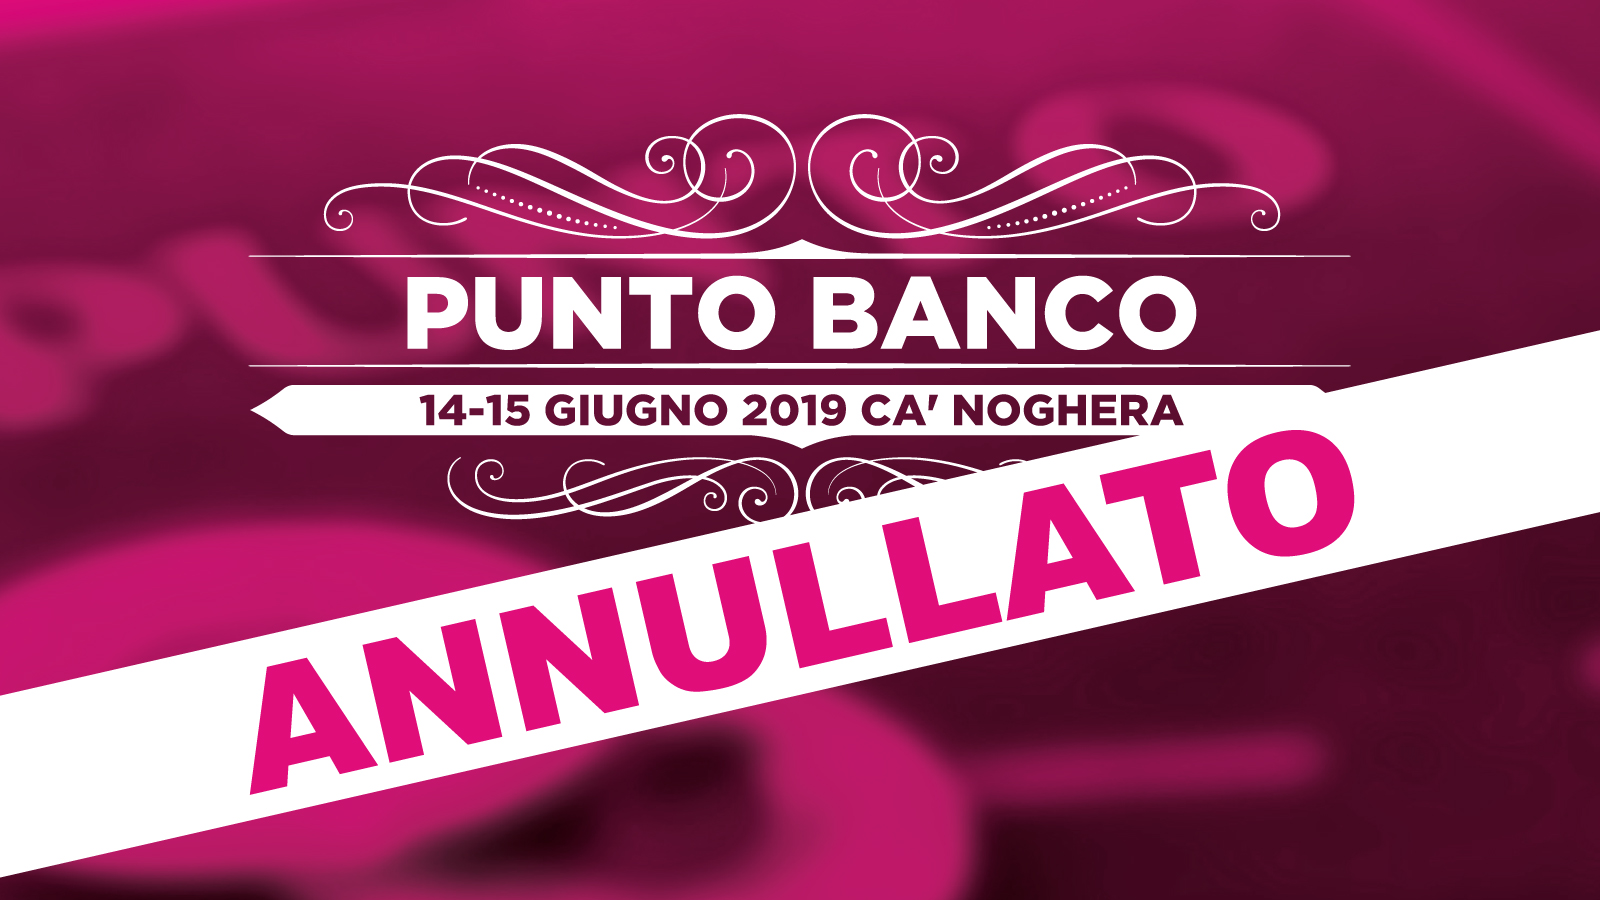 PUNTO BANCO ANNULLATO